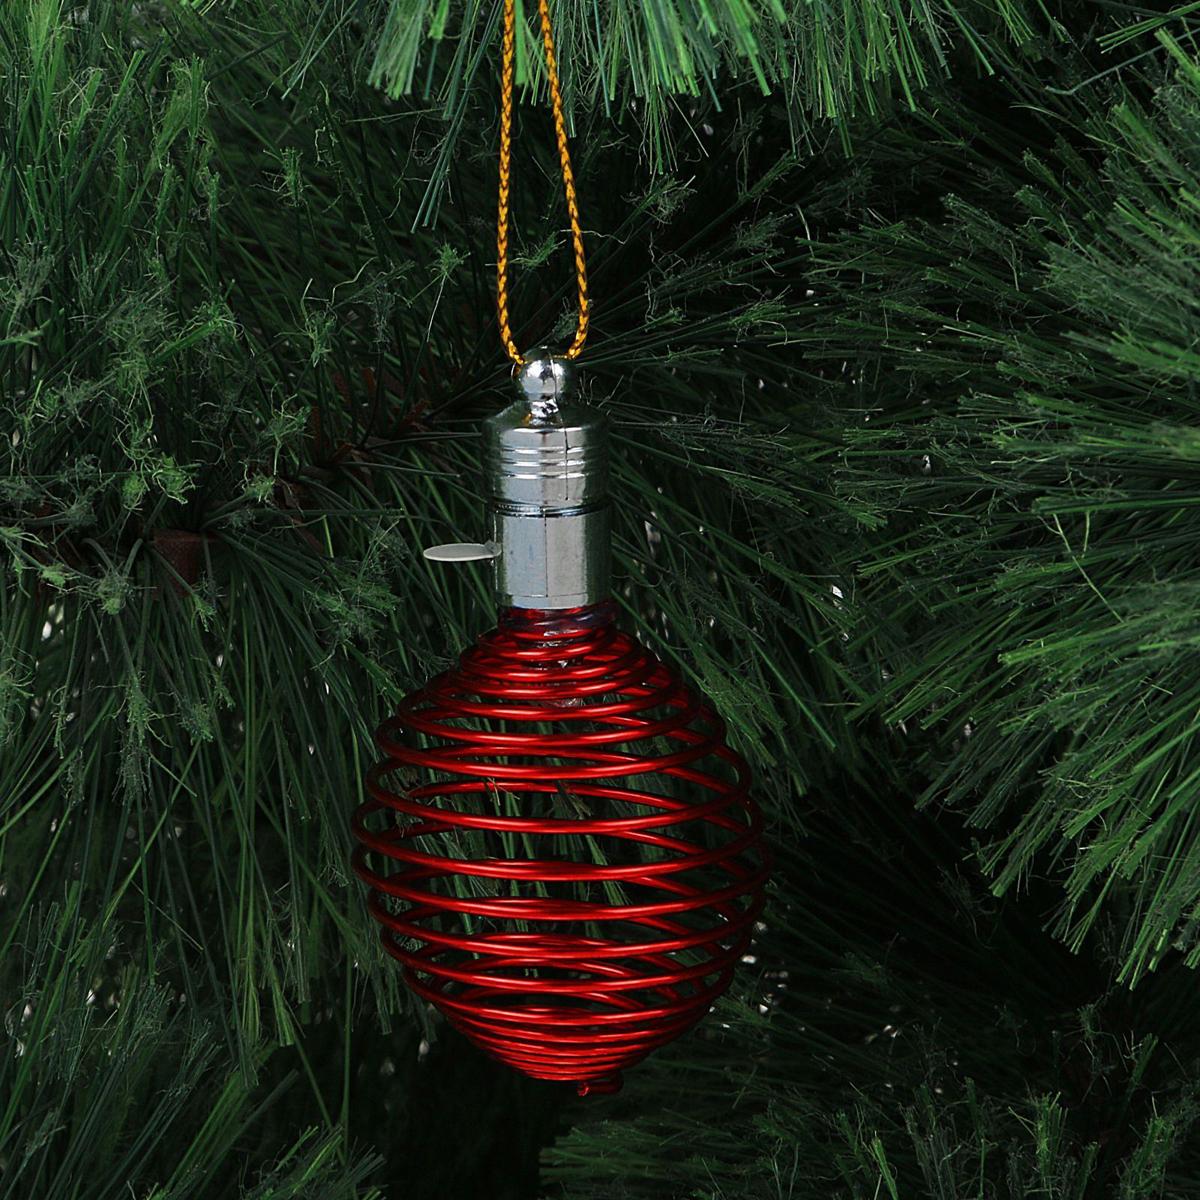 Украшение новогоднее подвесное Luazon Lighting Пружинка, световое, цвет: красный, 7 см2327178Световая новогодняя подвеска Luazon Lighting выполнена из металла в виде пружинки. Елочное украшение выглядит как простая елочная игрушка днем, но при этом остается видимой вечером. Просто включите изделие с наступлением темноты, и оно украсит елку огоньками. Подвеска Luazon Lighting работает от батареек (входят в комплект) и пожаробезопасна, так как светодиоды не нагреваются, в отличие от ламп накаливания.